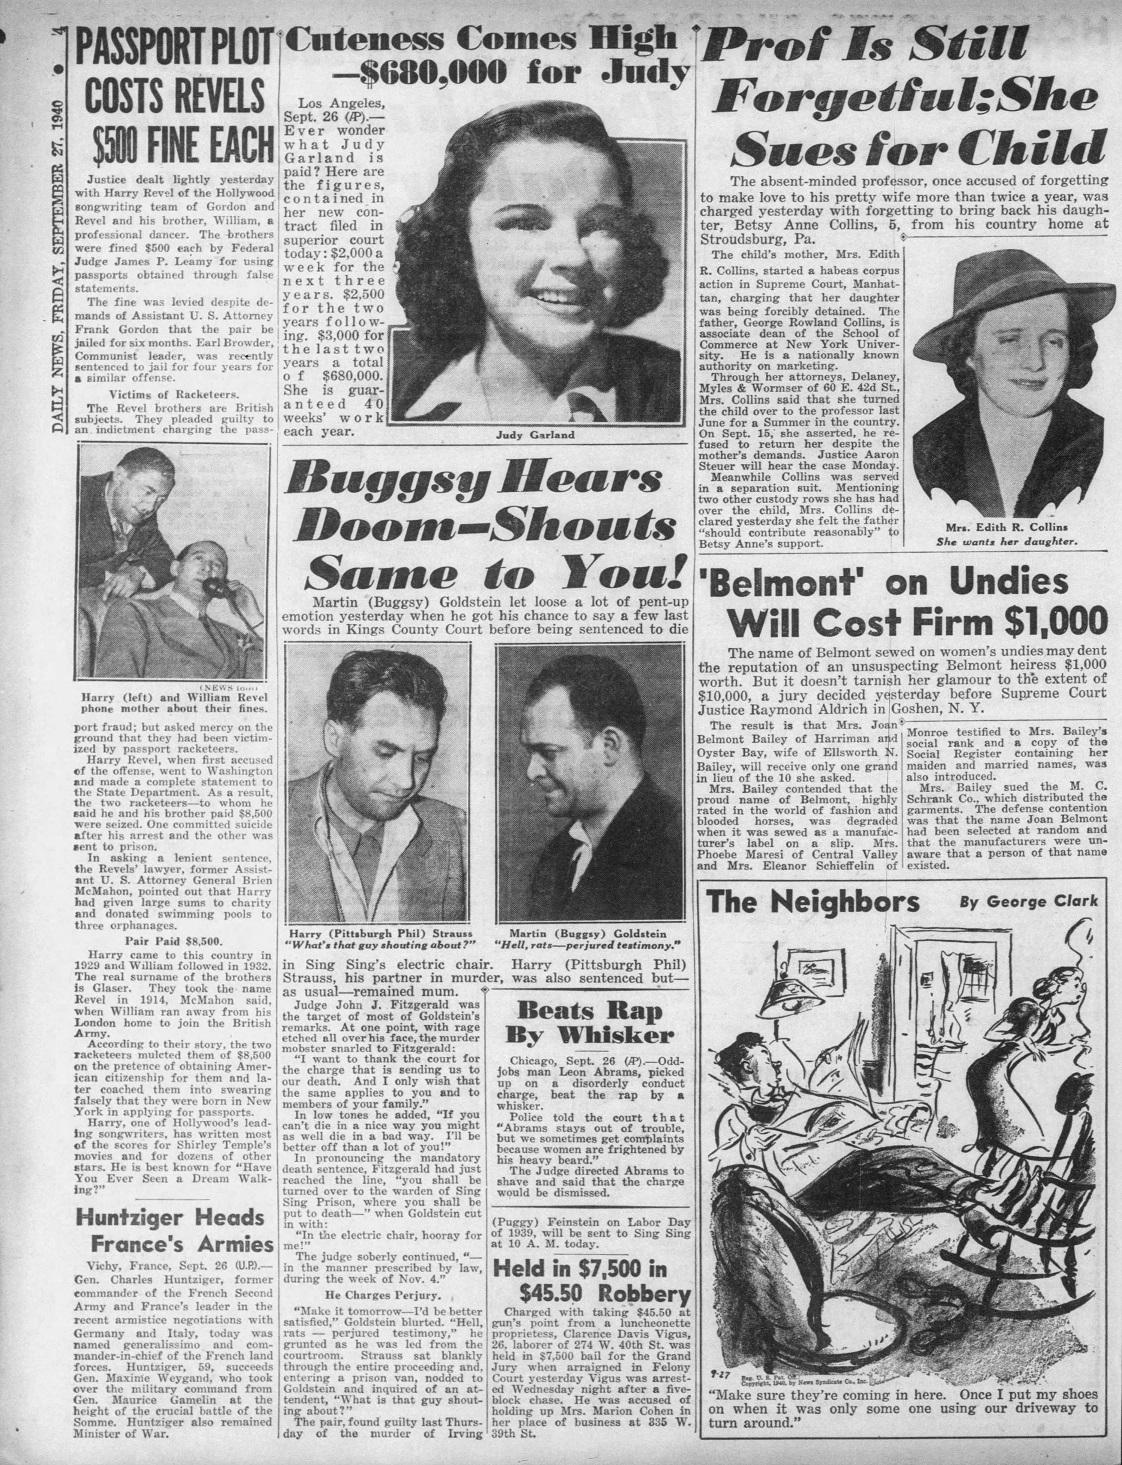 Daily_News_Fri__Sep_27__1940_.jpg